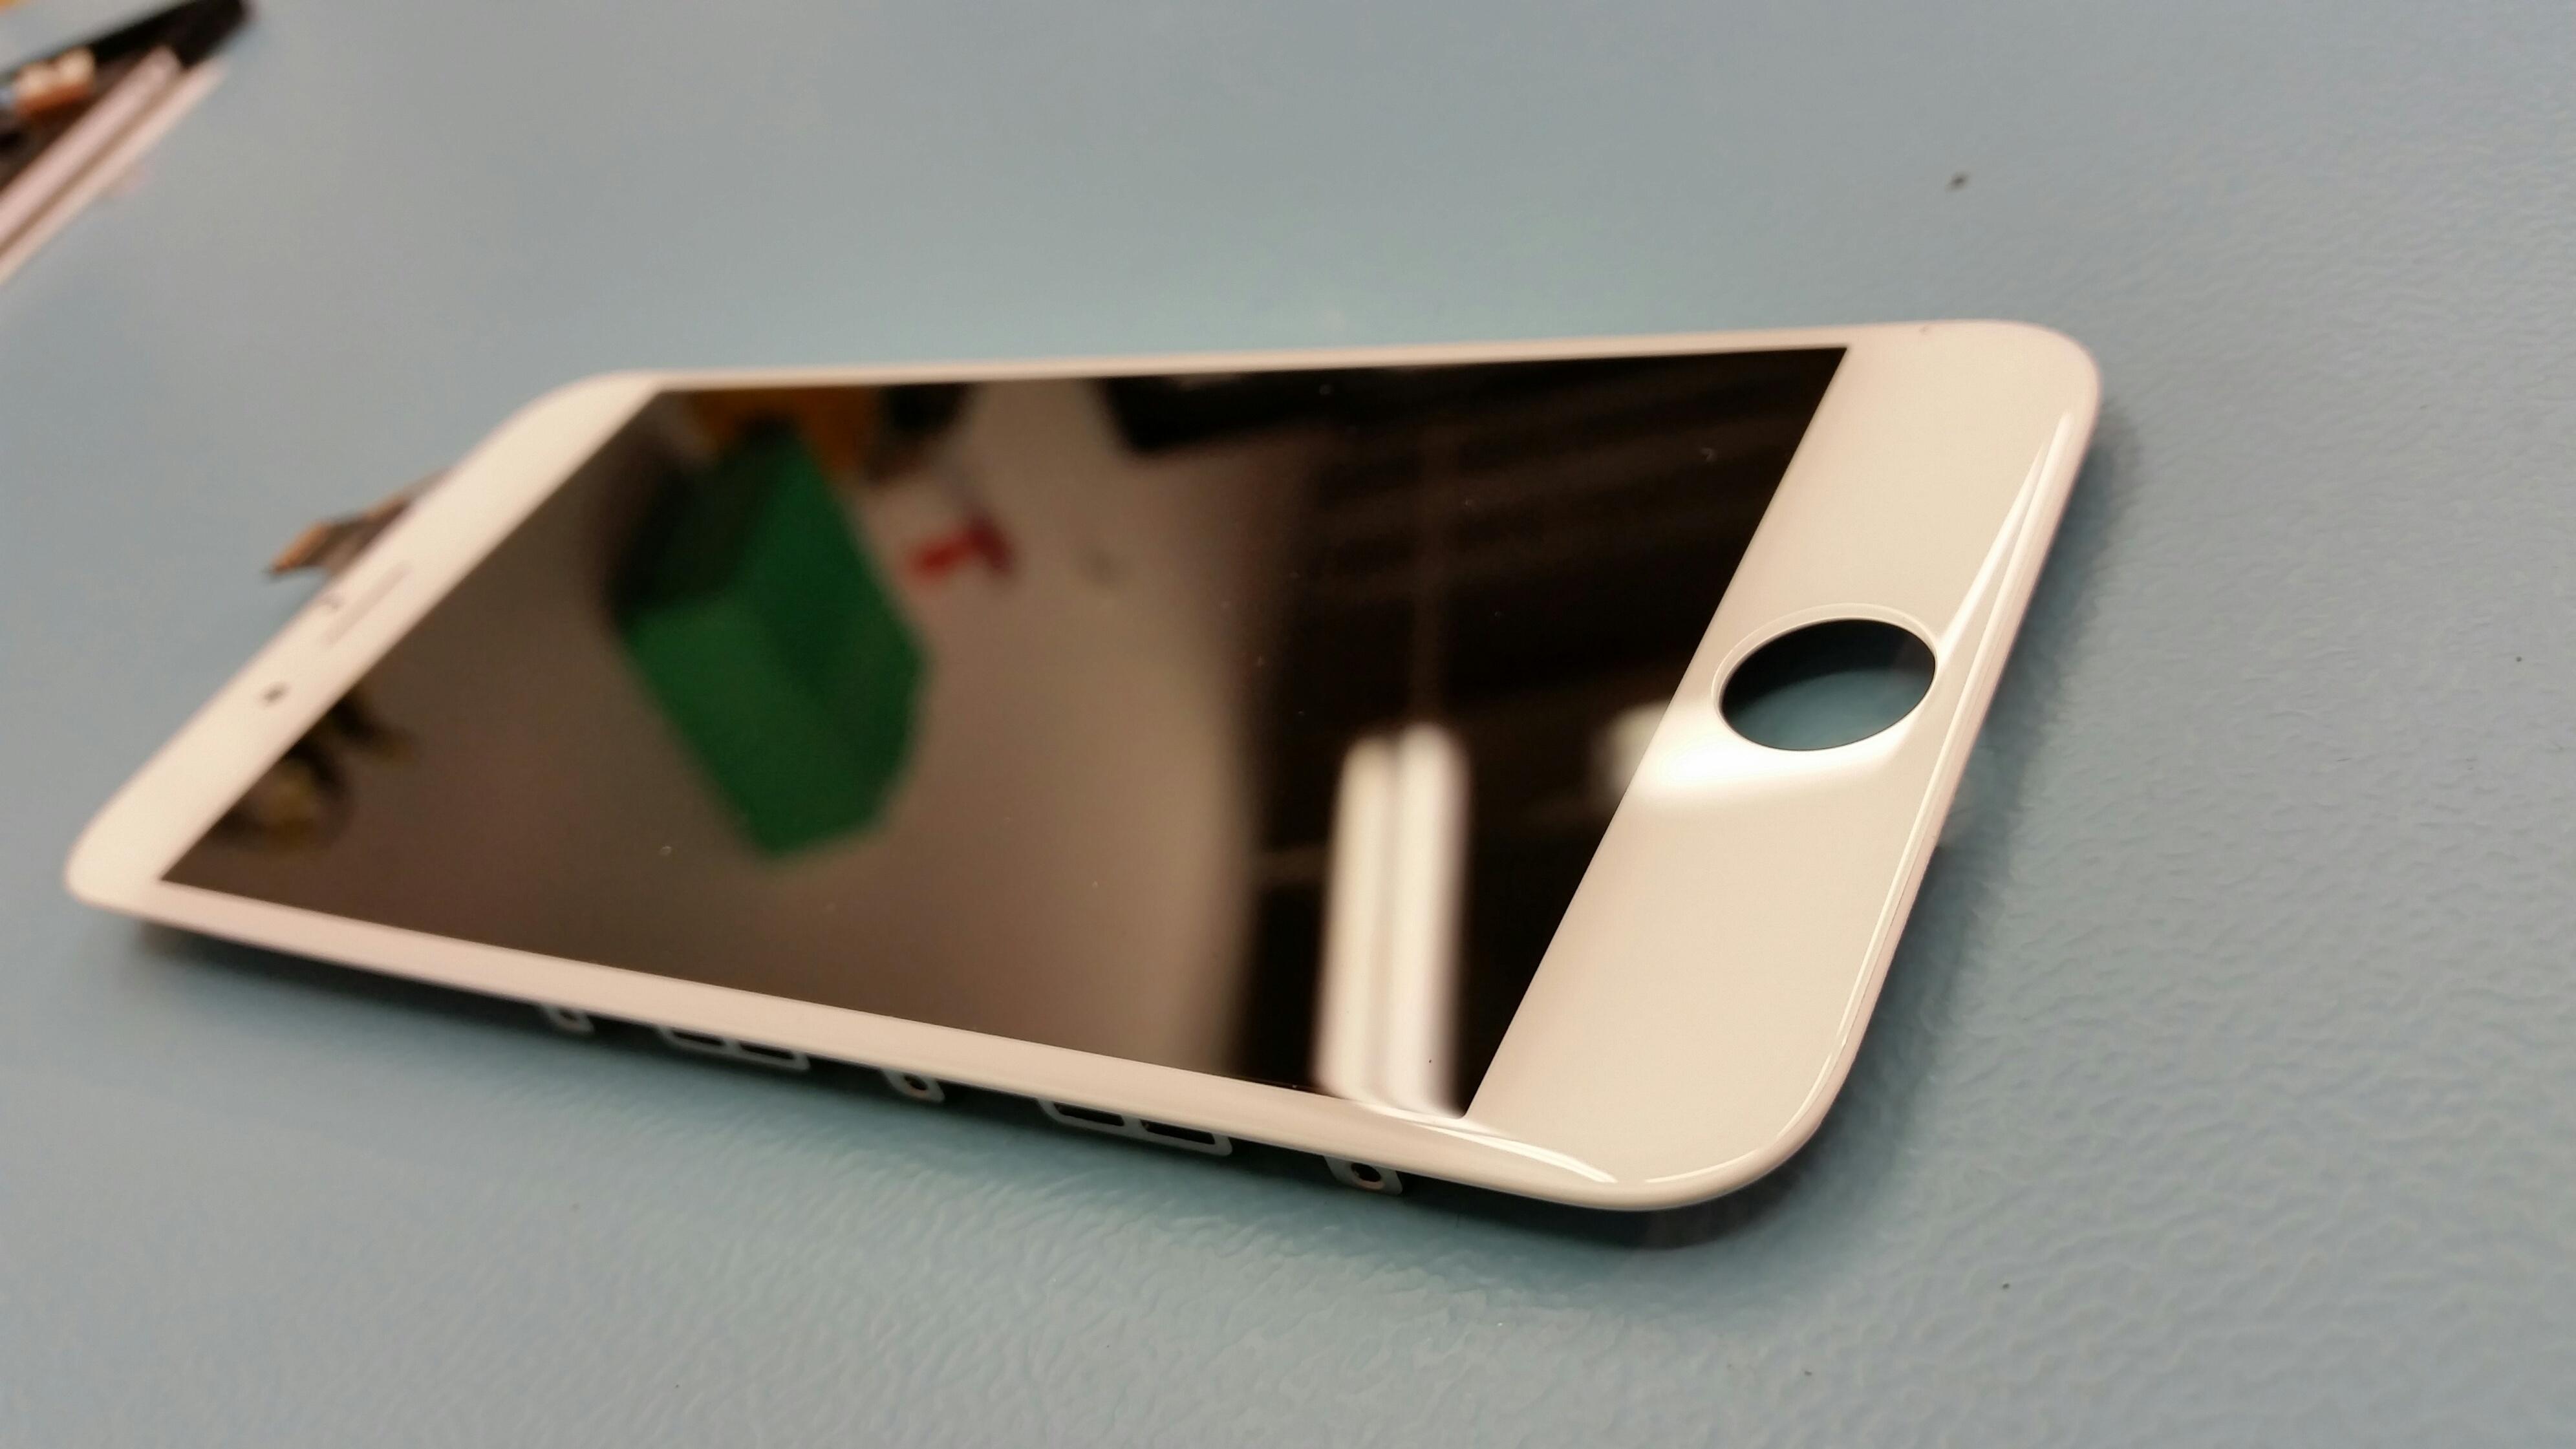 Foto: iPhoneklinikken.no